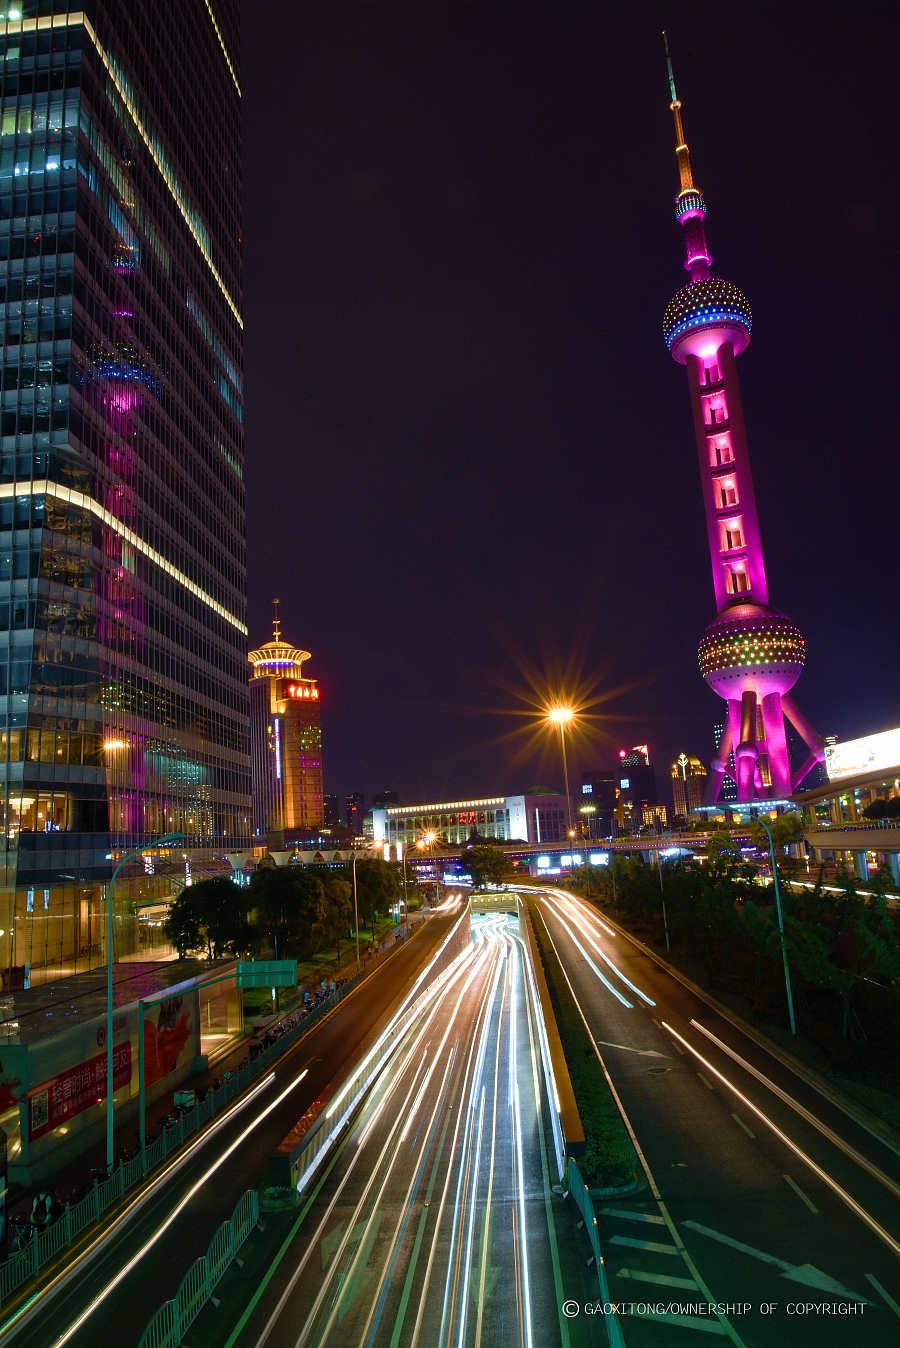 上海陆家嘴夜色|环境/建筑|摄影|创世手绘 - 原创设计